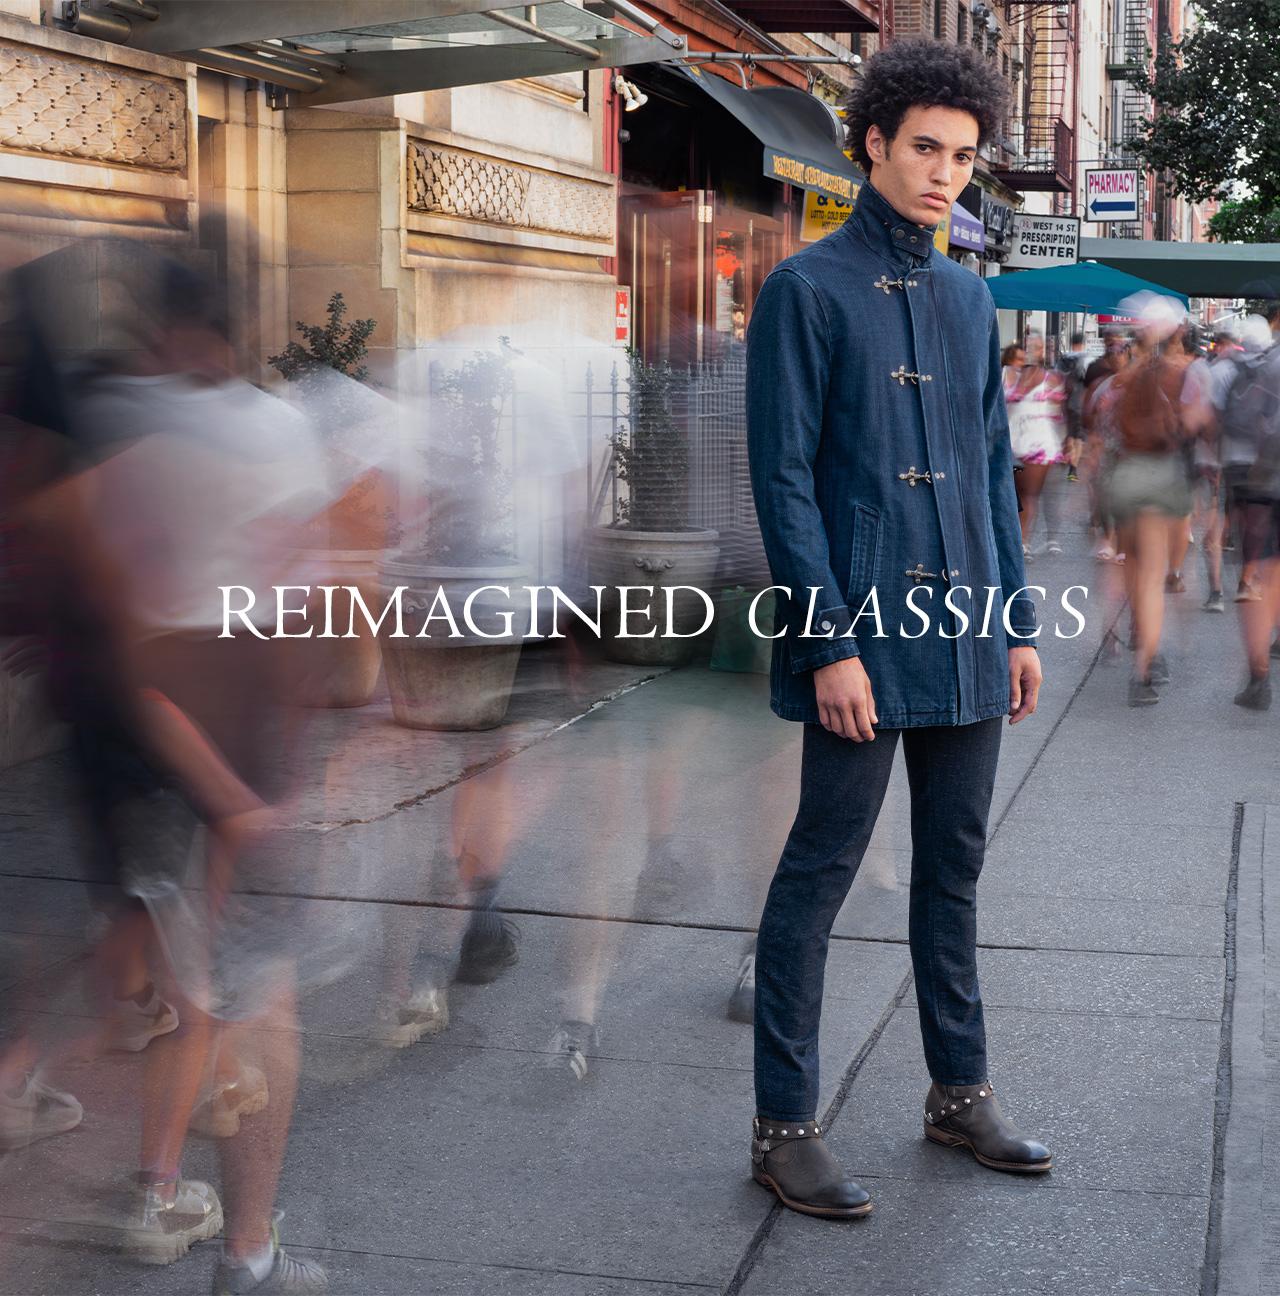 Reimagined classics